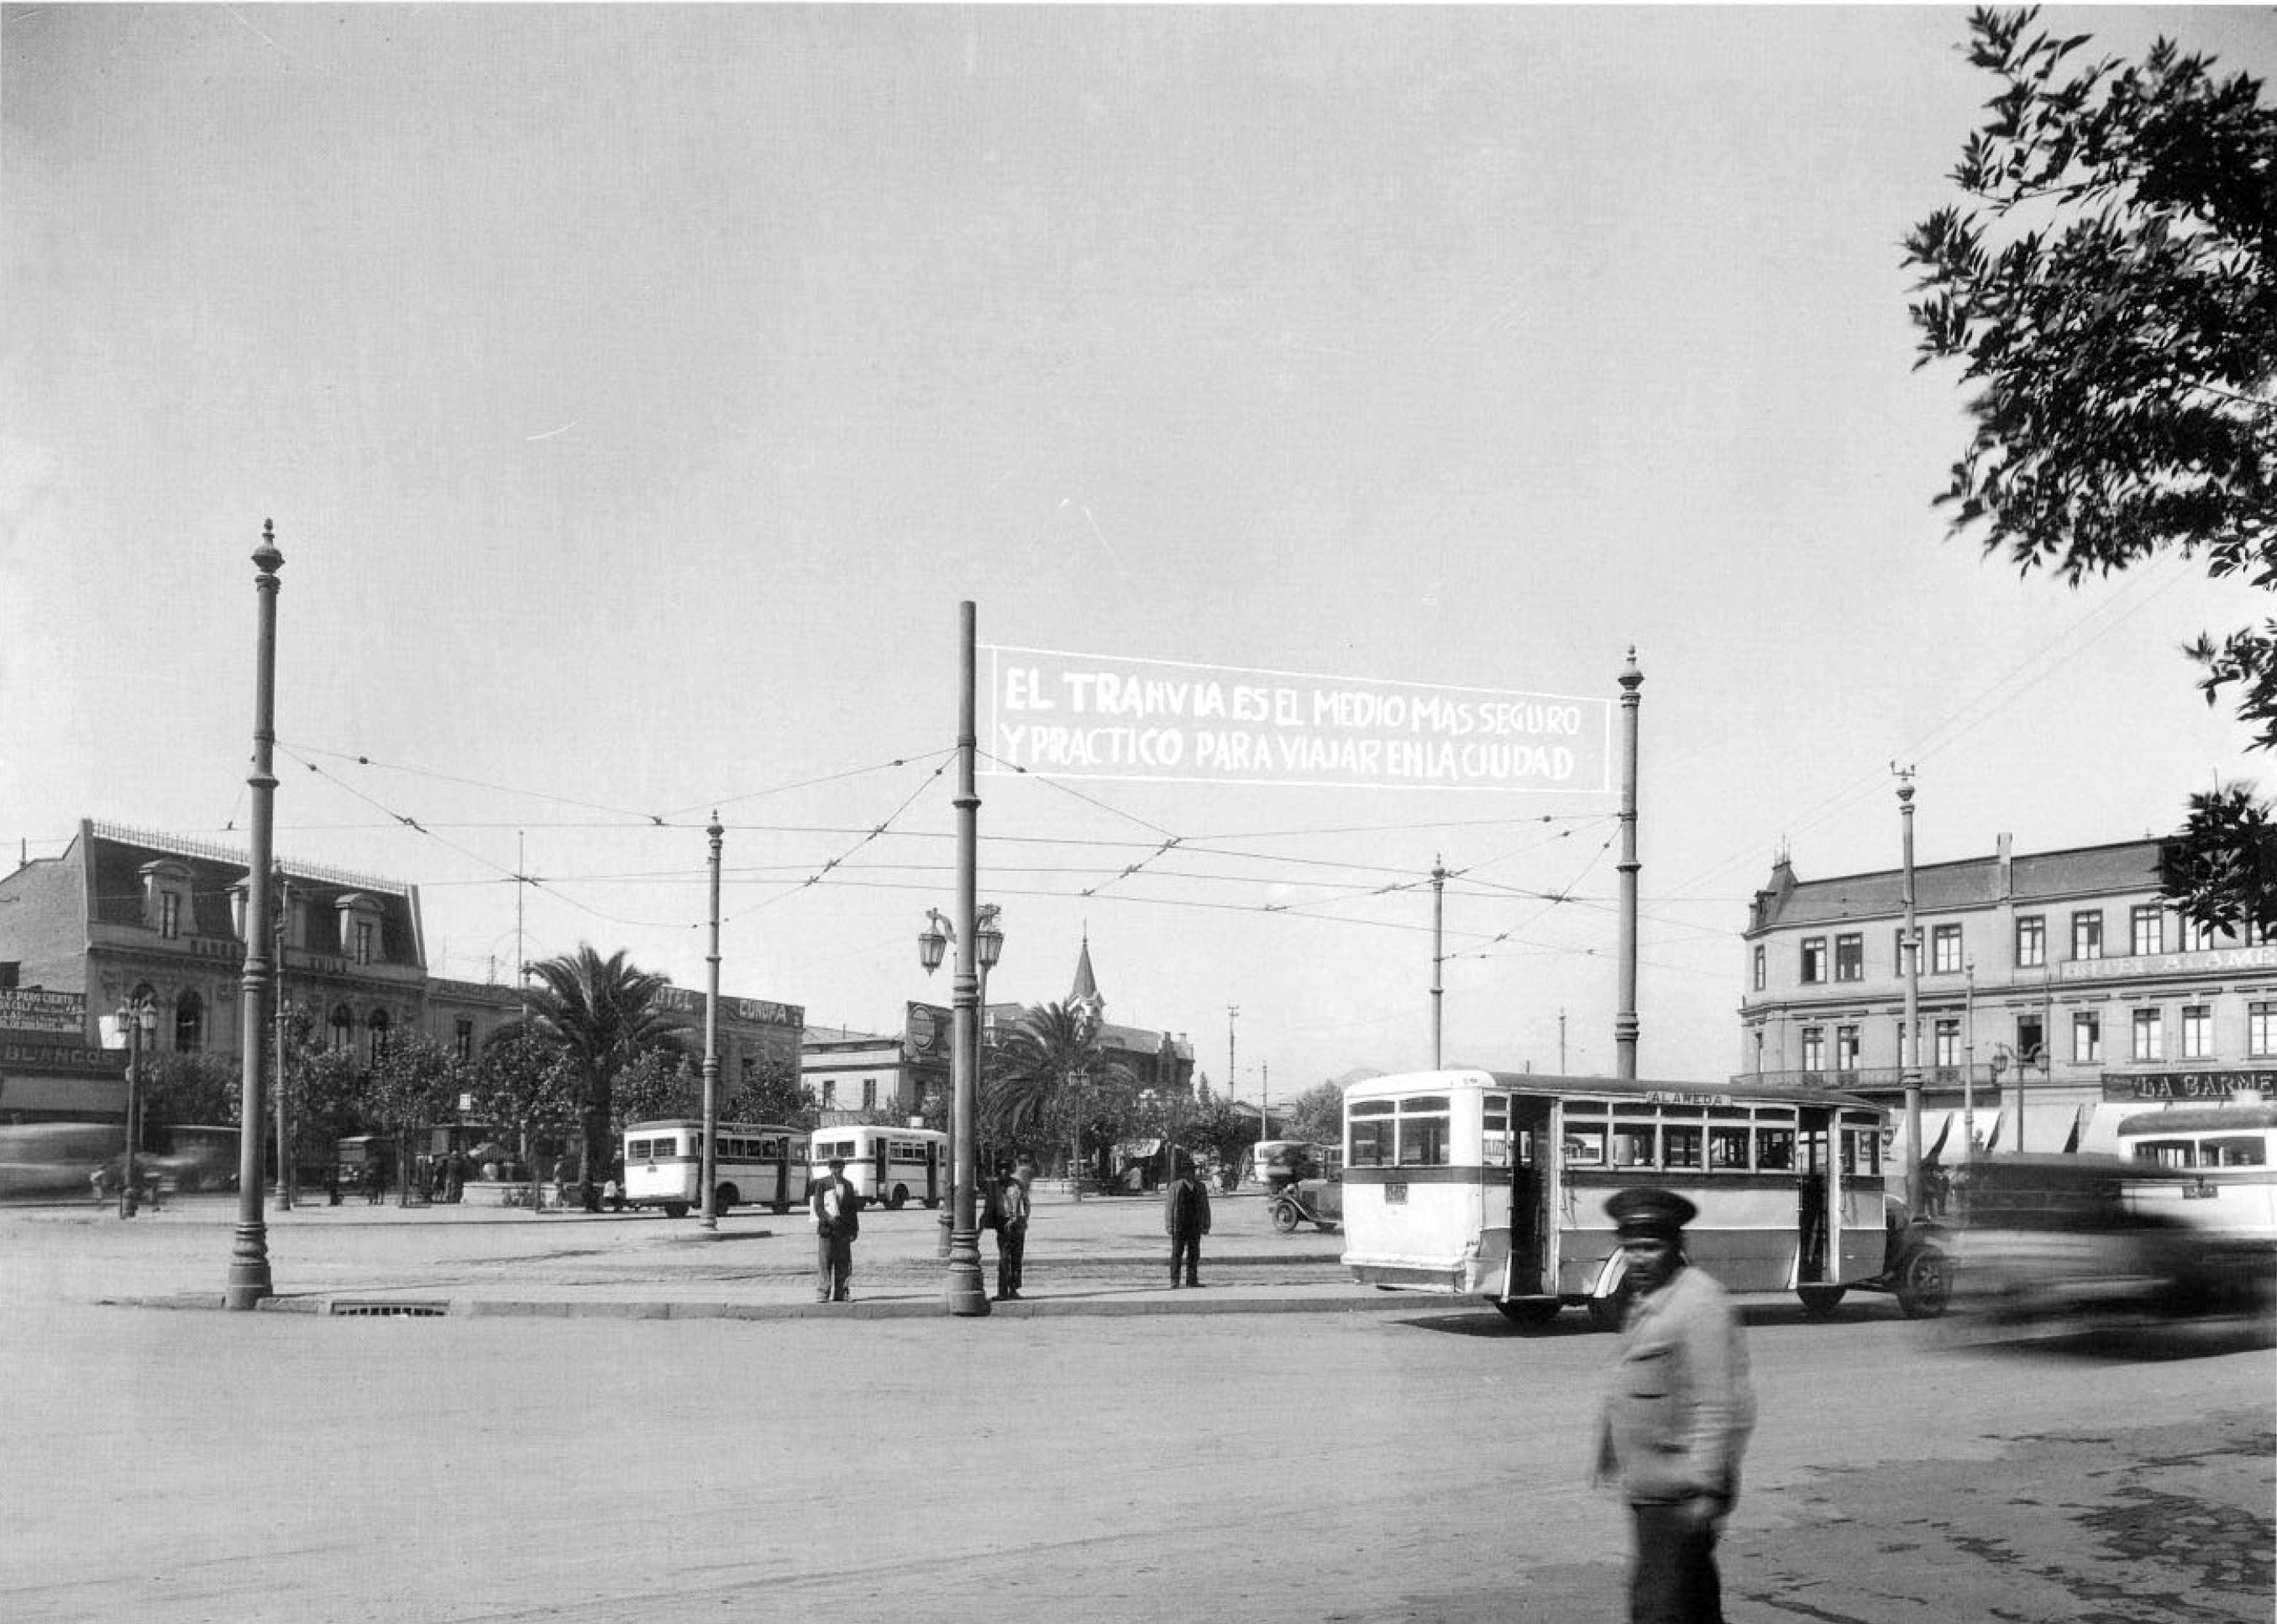 Enterreno - Fotos históricas de chile - fotos antiguas de Chile - Alameda desde Estación Central, 1931